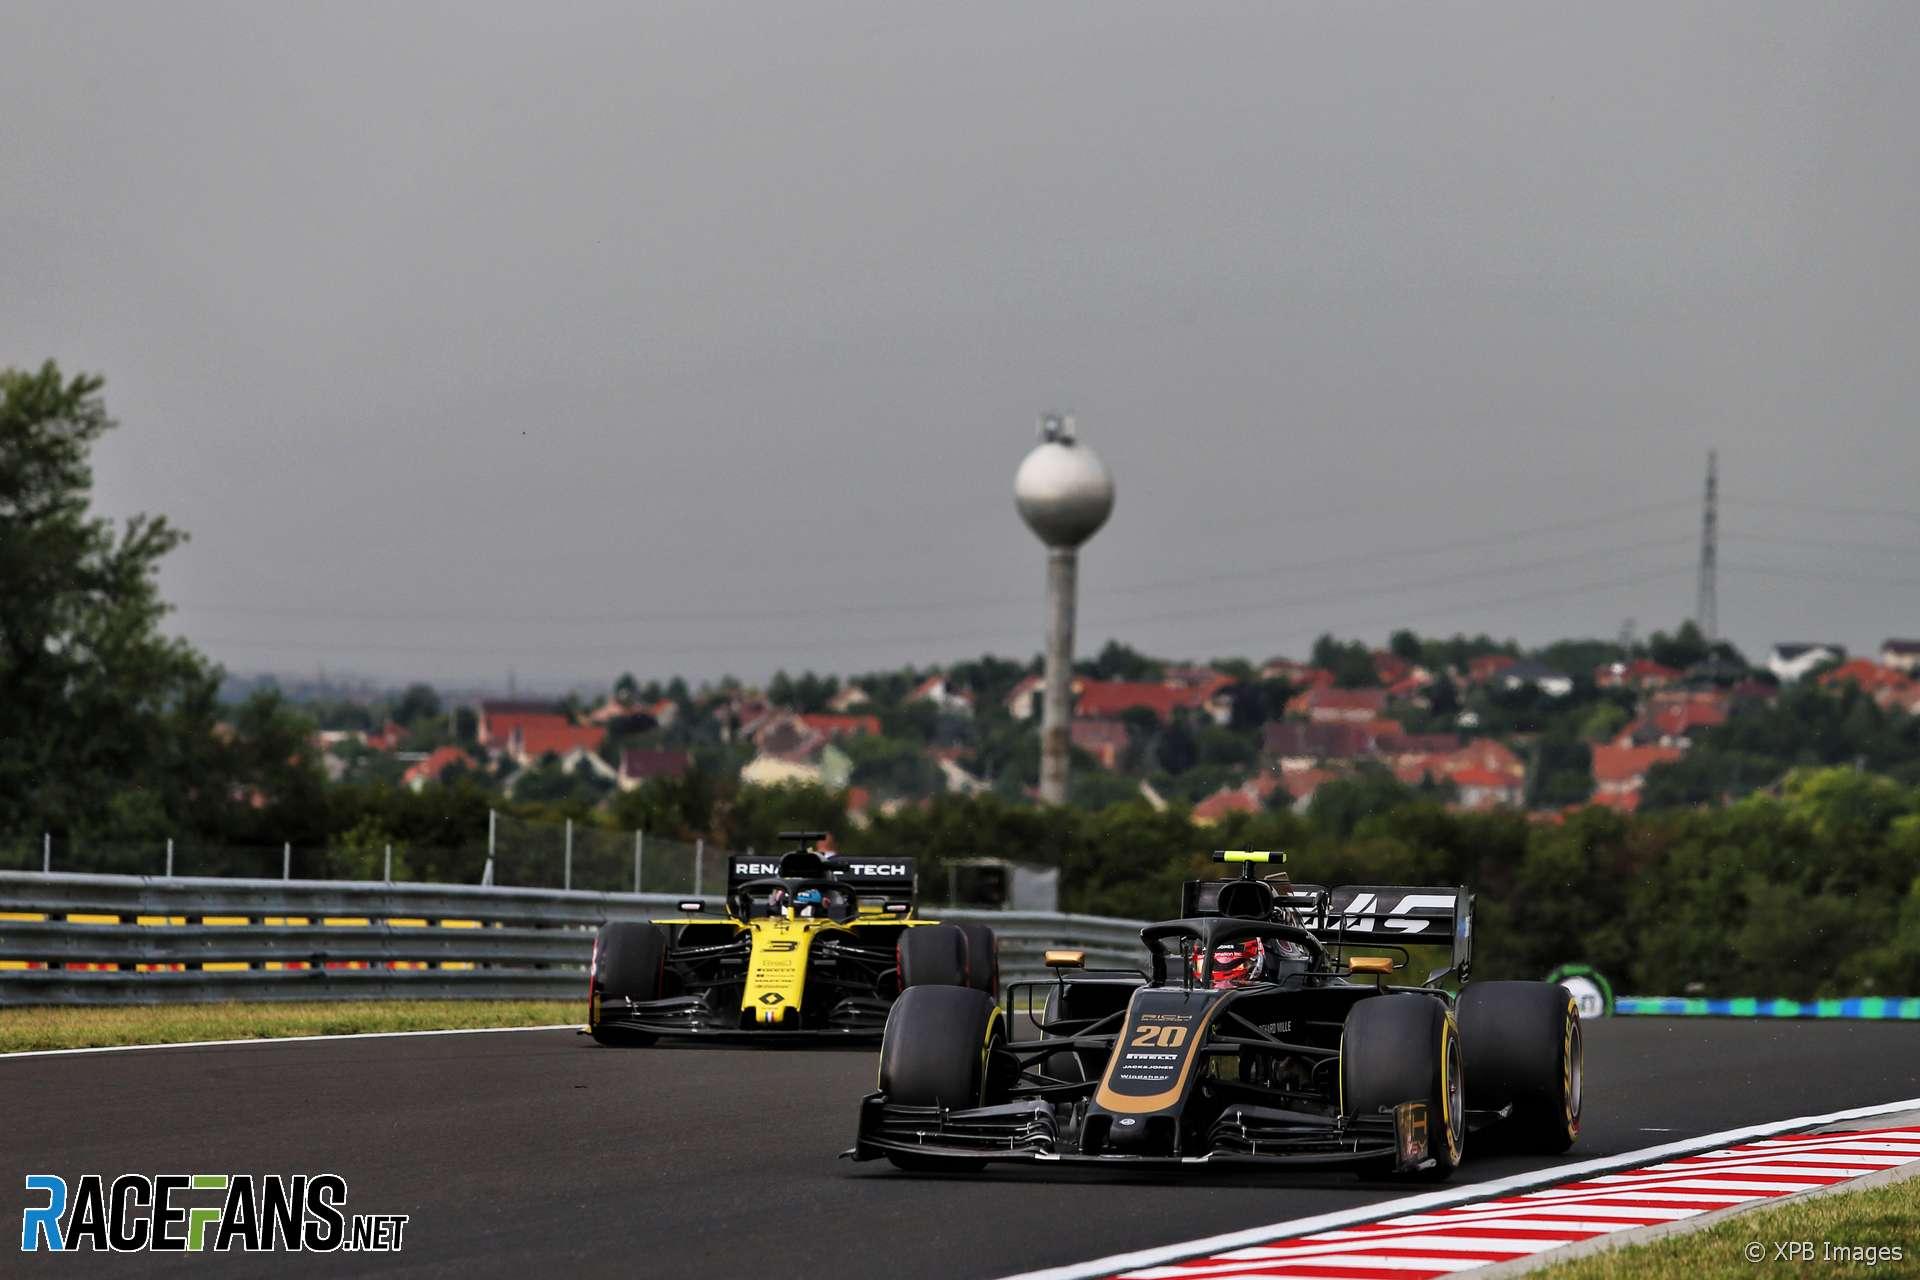 Kevin Magnussen, Haas, Hungaroring, 2019